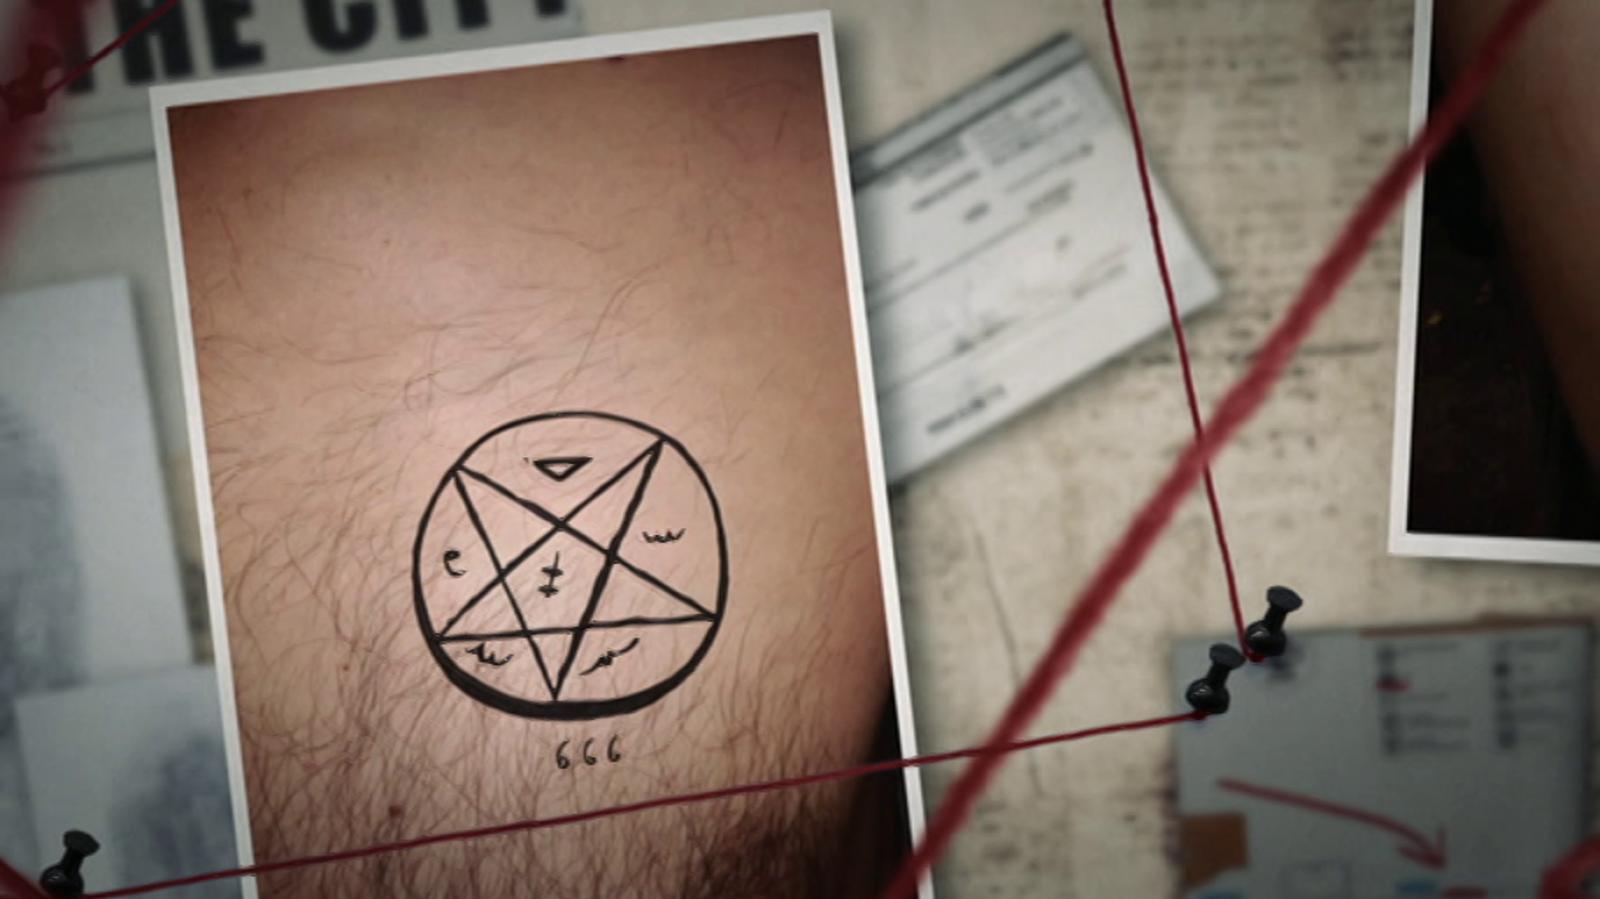 Víctimas del misterio - Cuerpo tatuado - RTVE.es